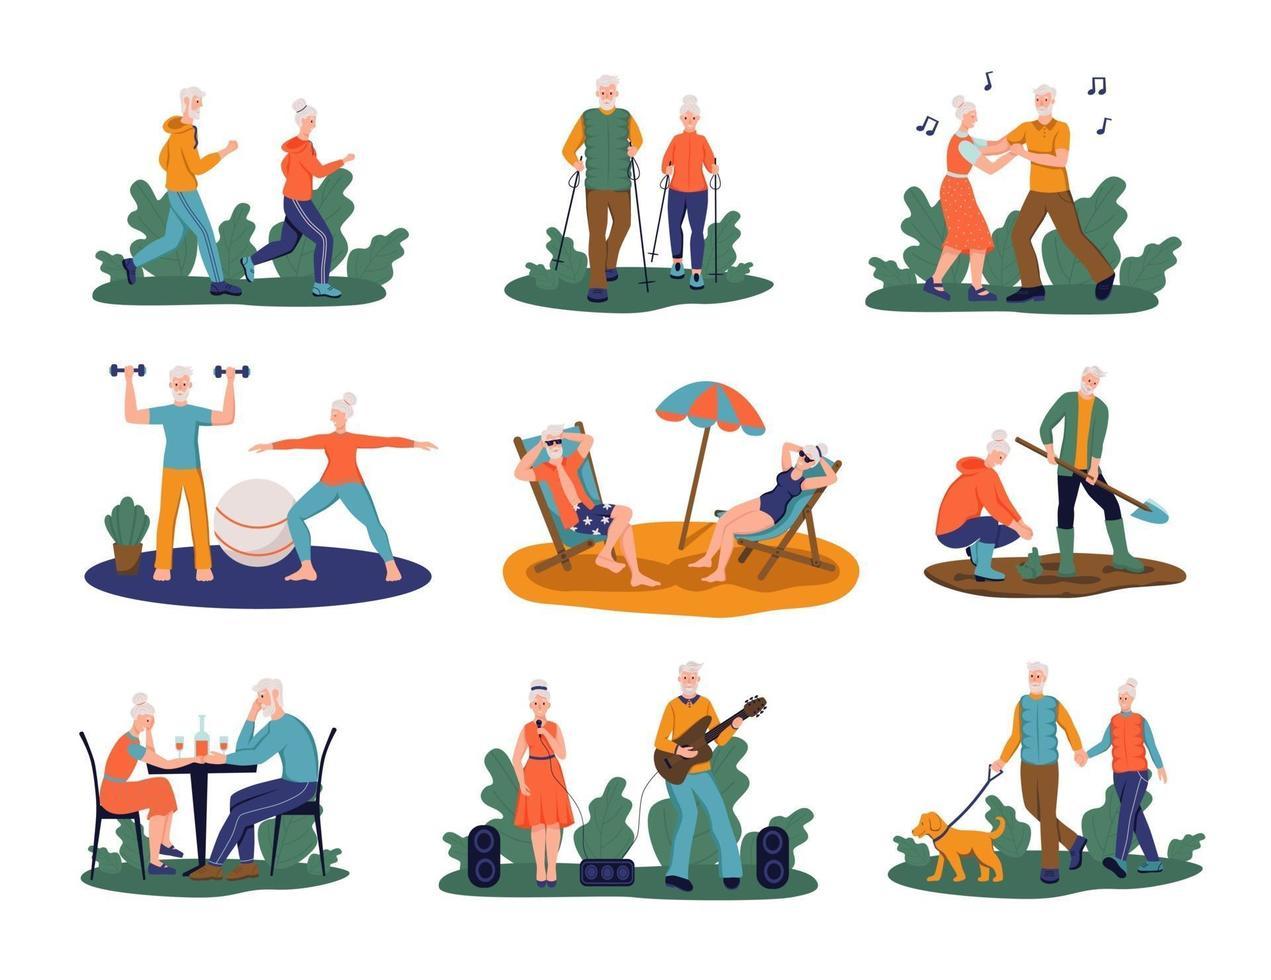 conjunto de personas mayores. los jubilados corren, hacen yoga, nordic walking, pasean a un perro, trabajan en el jardín, toman el sol, cantan, se sientan en un café, bailan. concepto de vejez activa. ilustración vectorial. vector